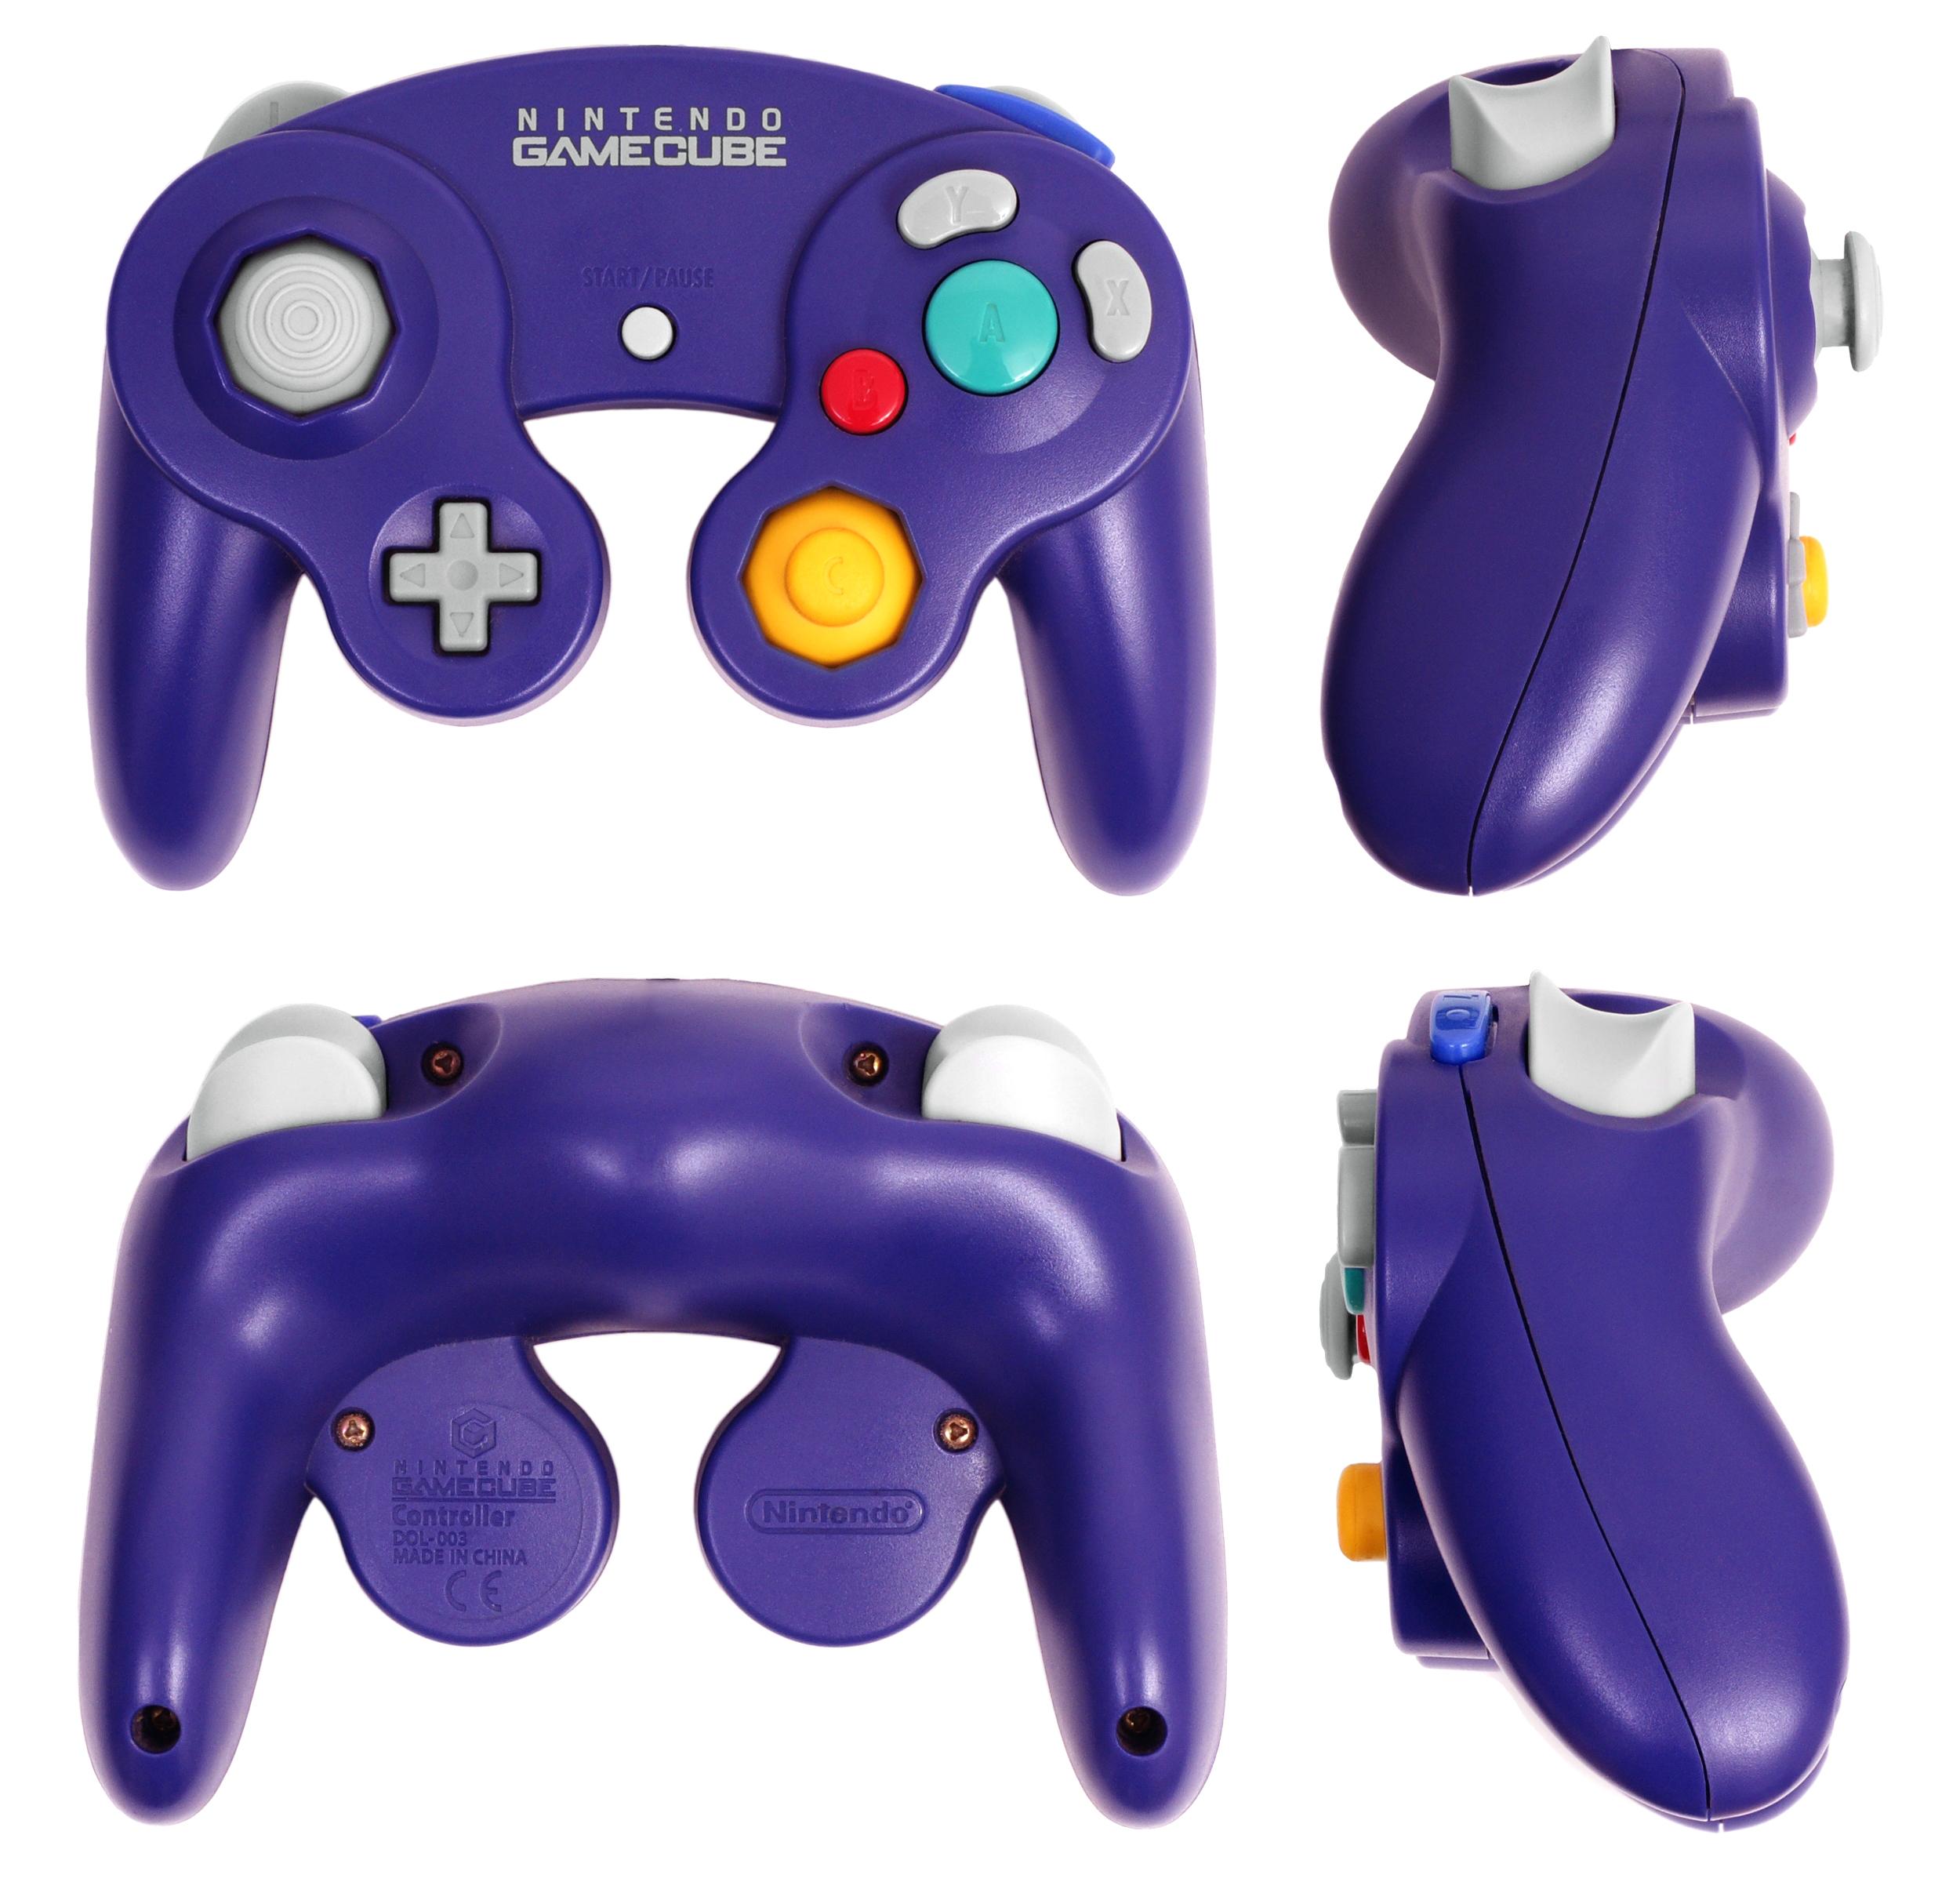 Gamecube Controller Dimensions Purple Gamecube Controller